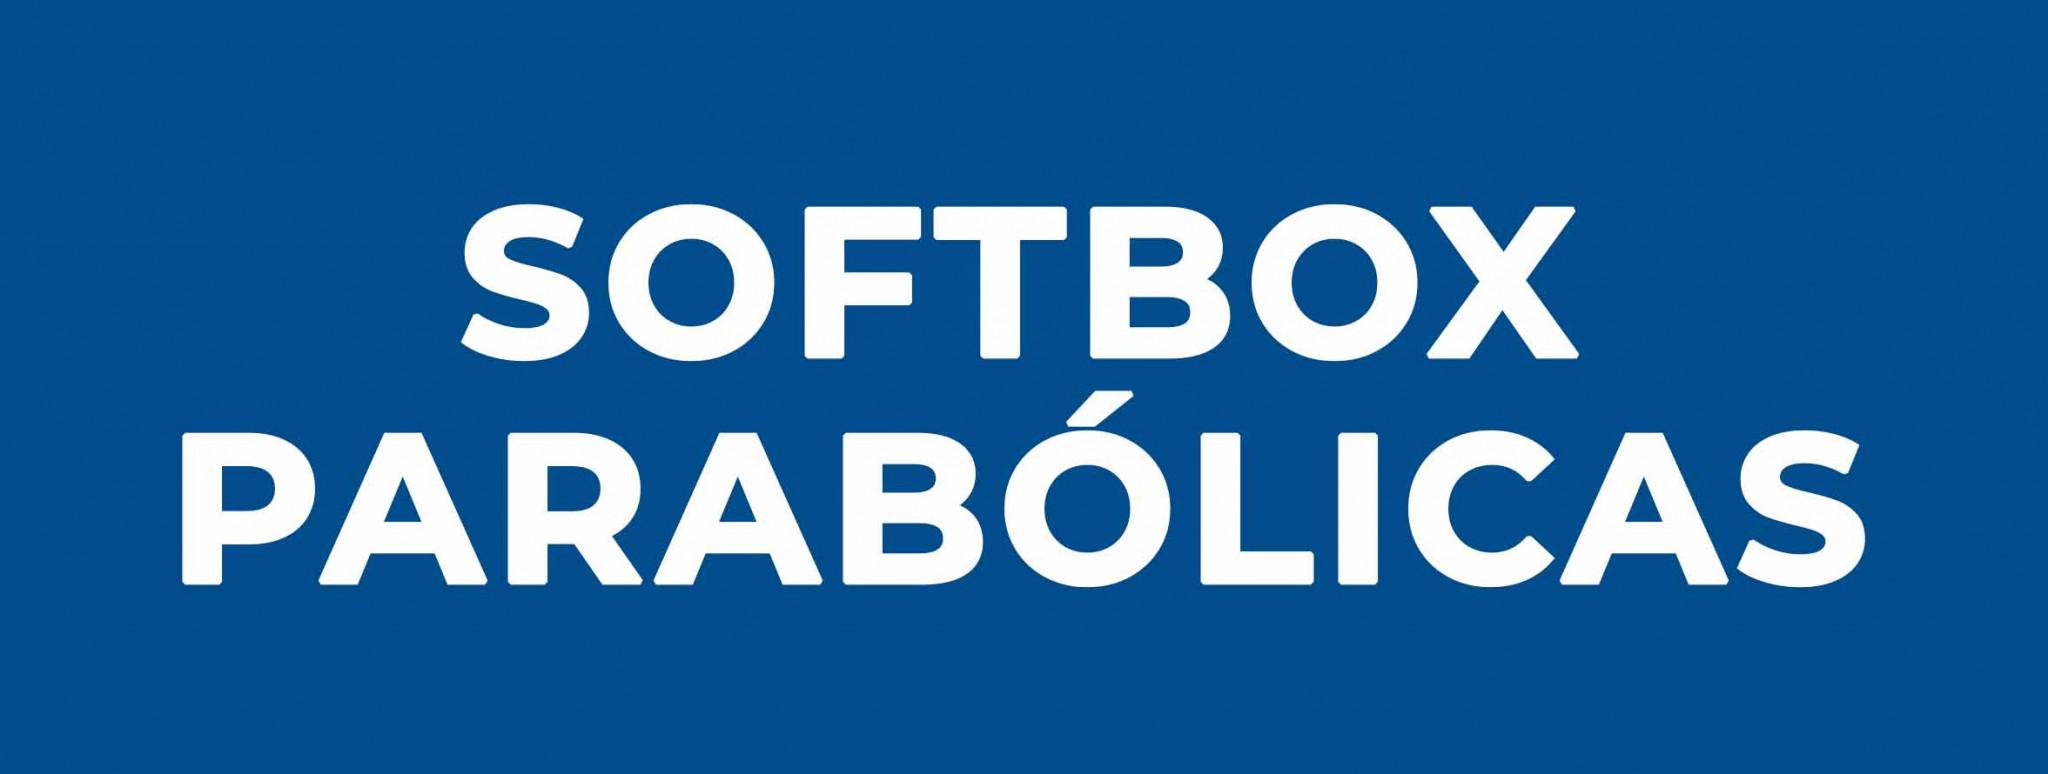 Softbox Parabólicas